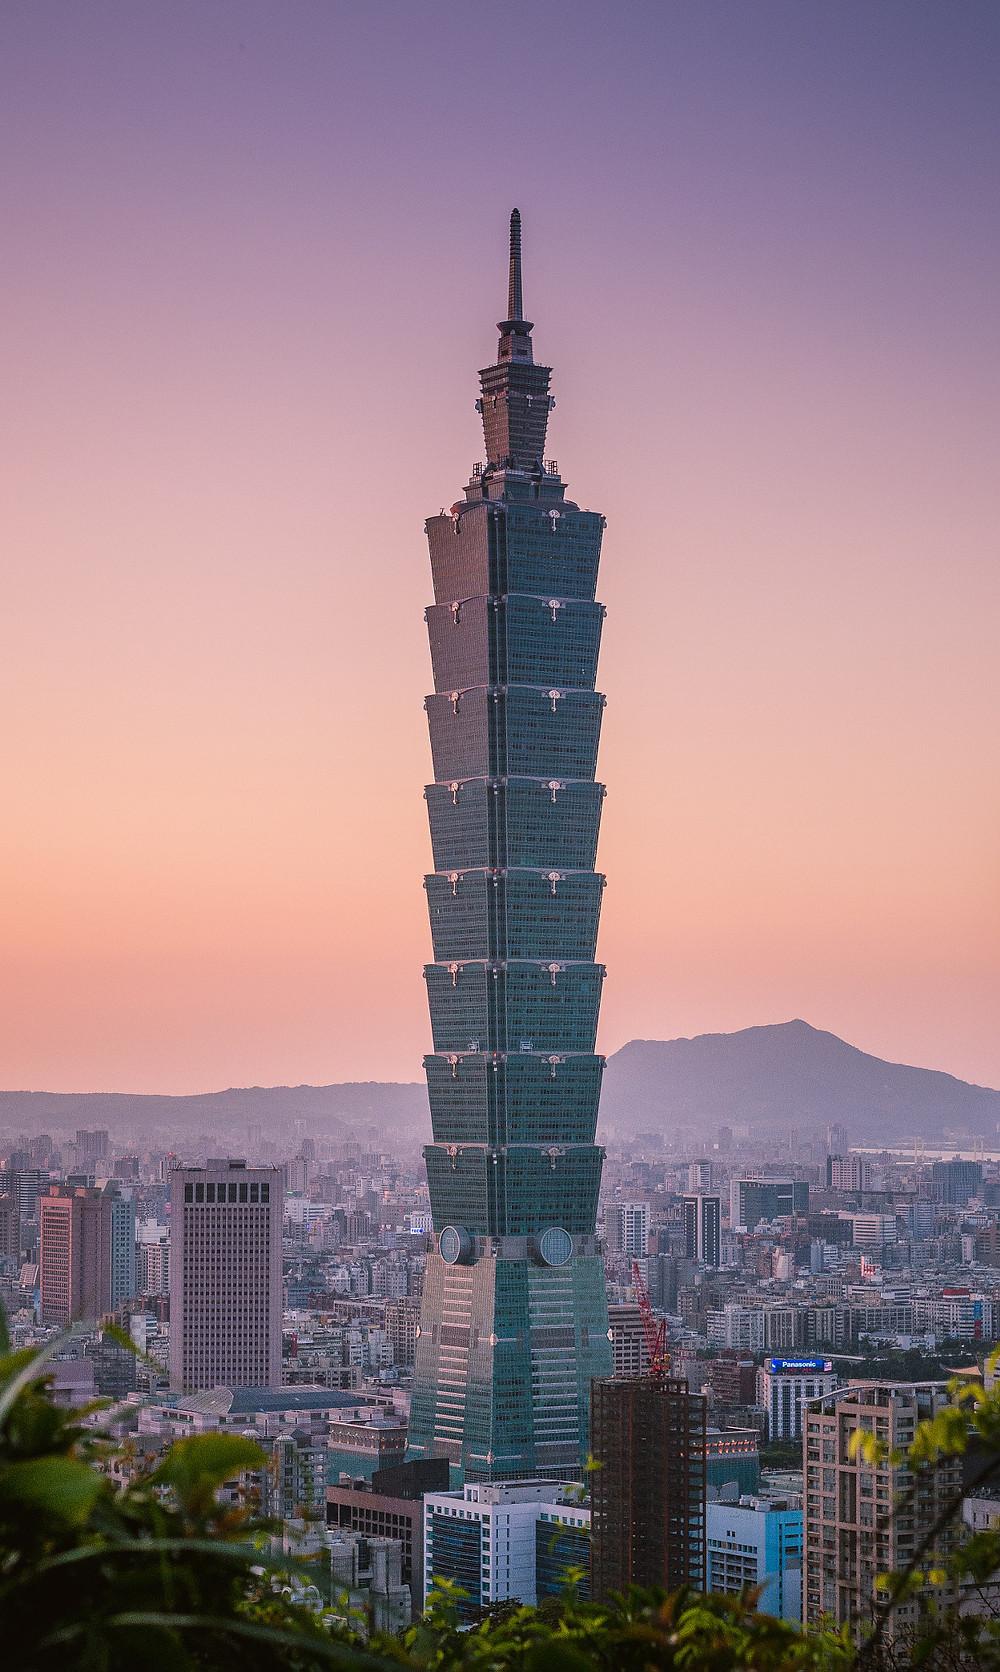 台北101 2004年12月31日至2010年1月4日間擁有世界第一高樓的紀錄